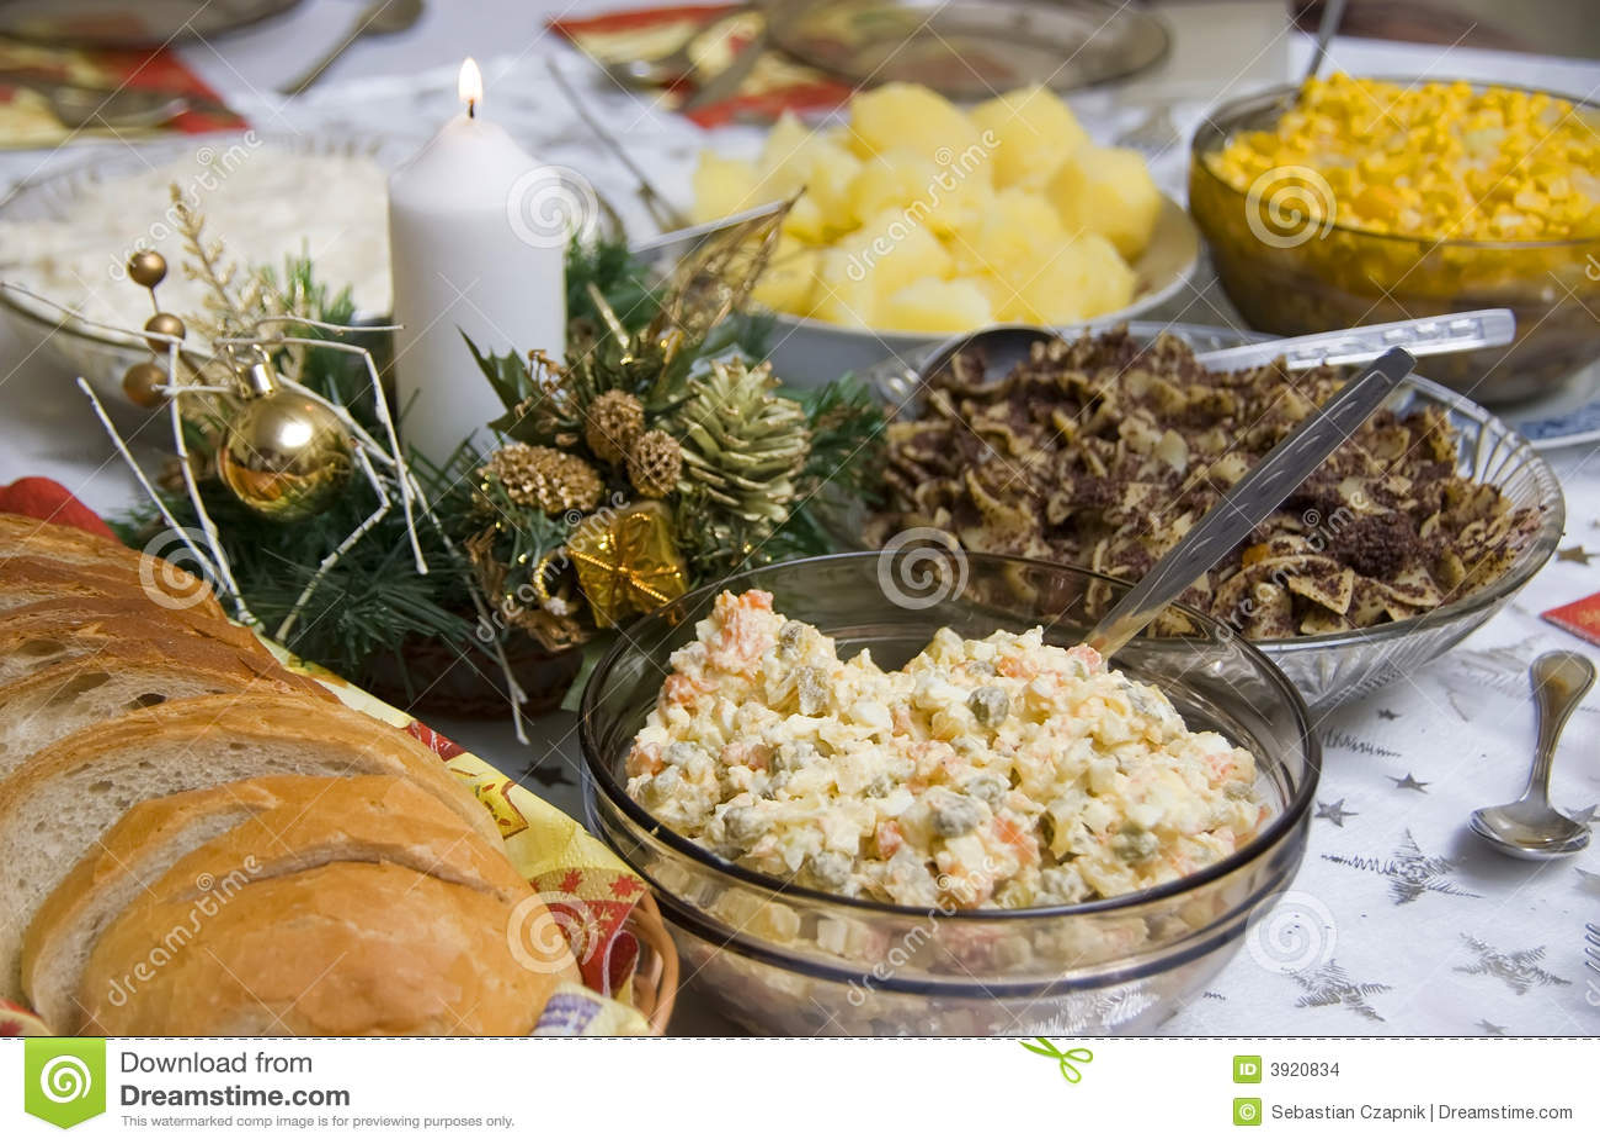 Polish Christmas table